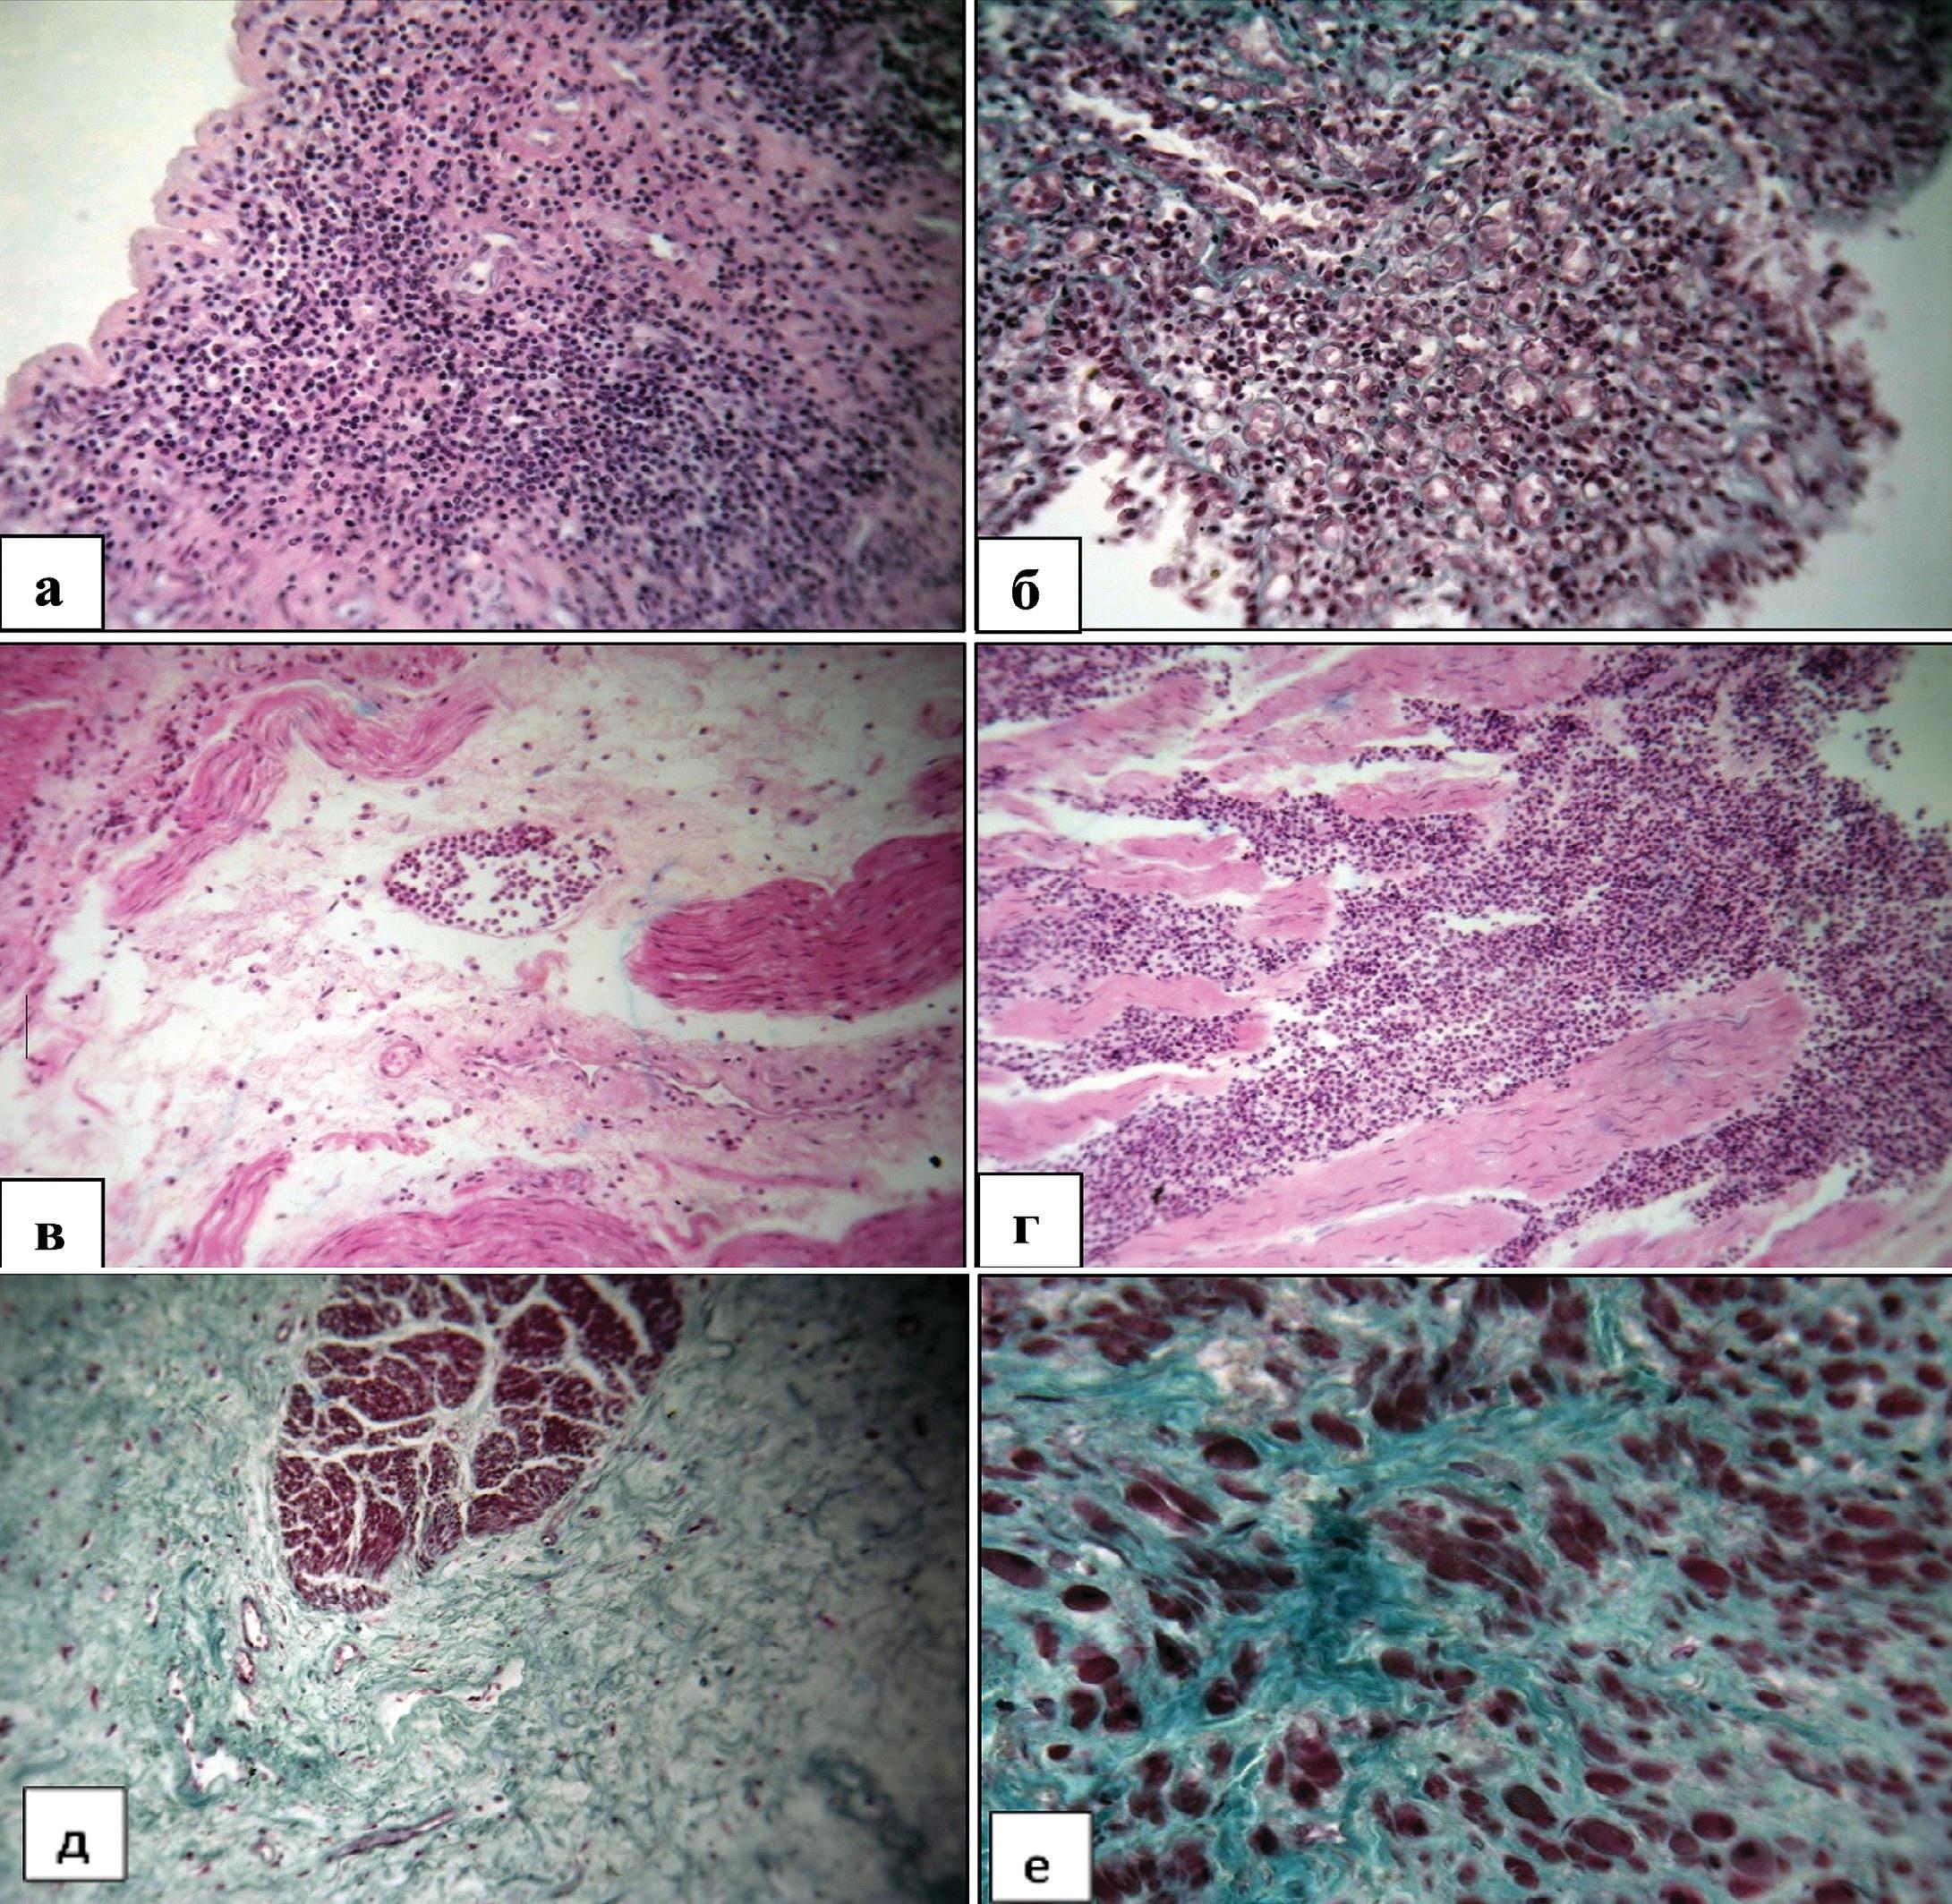 Структурные изменения мочевого пузыря у мужчин пожилого и старческого возраста при декомпенсированной ГПЖ. Окраска гематоксилином и эозином